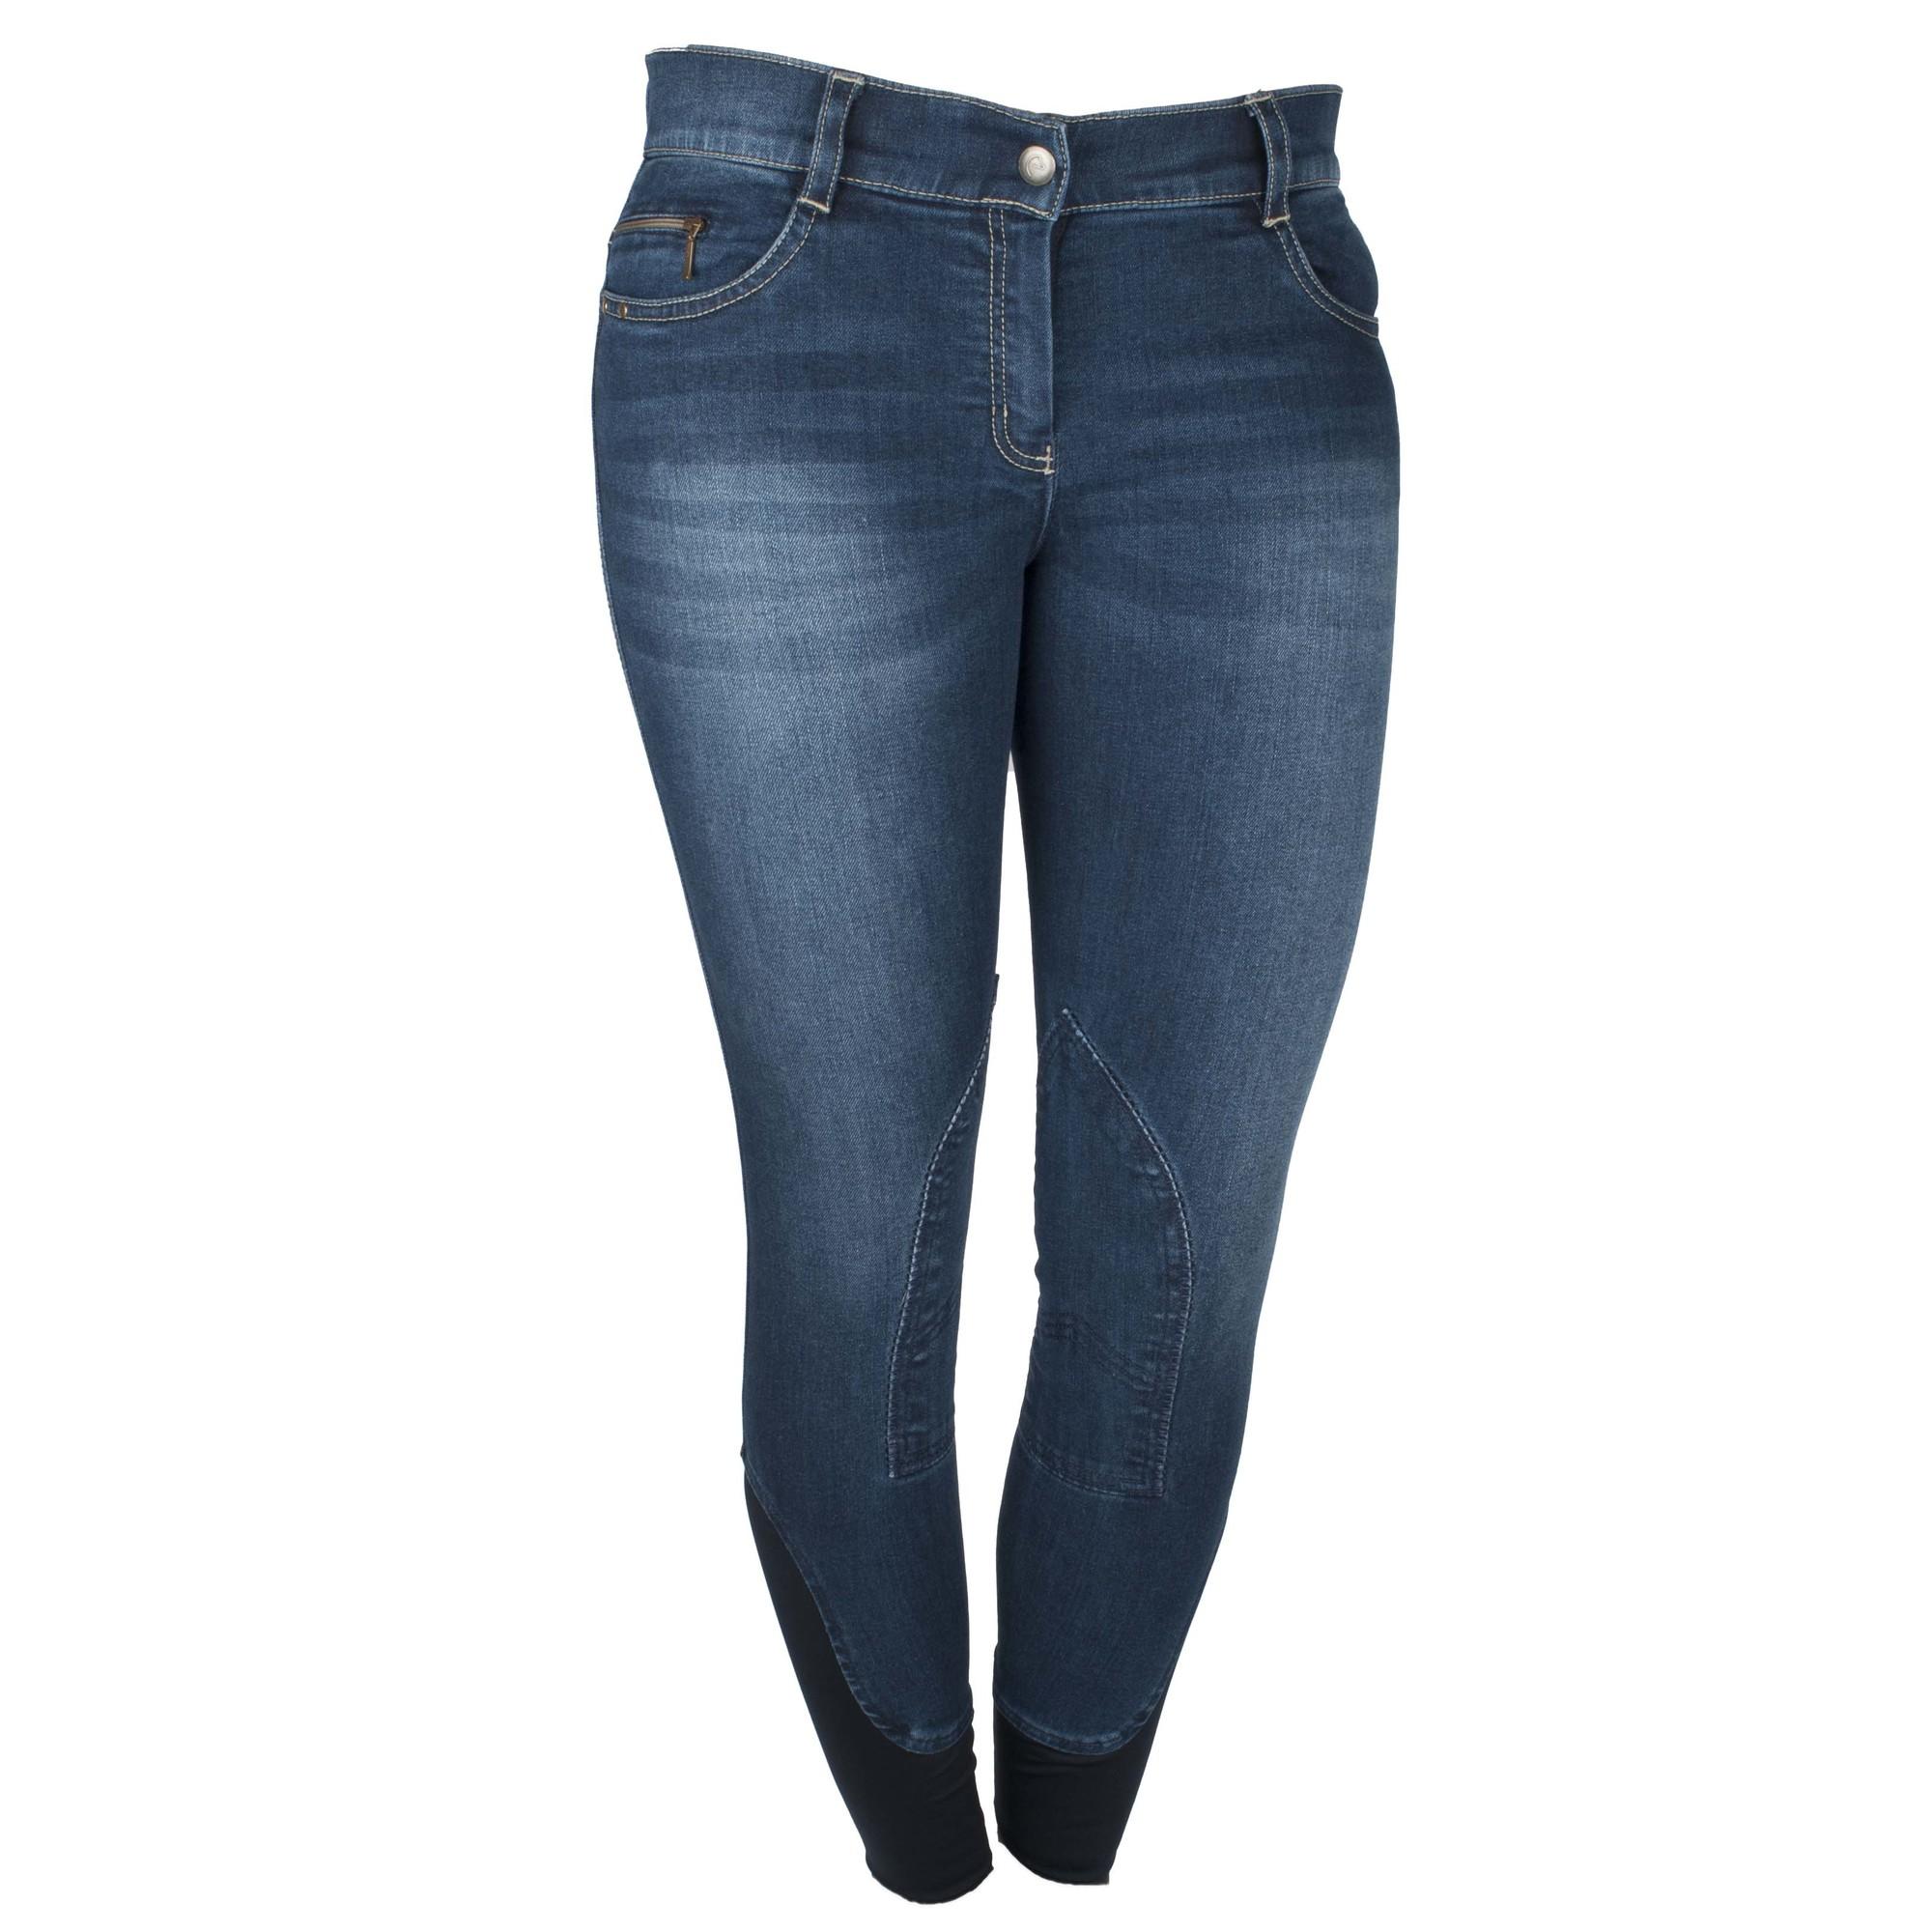 Equitheme Texas jeans rijbroek donkerblauw maat:40